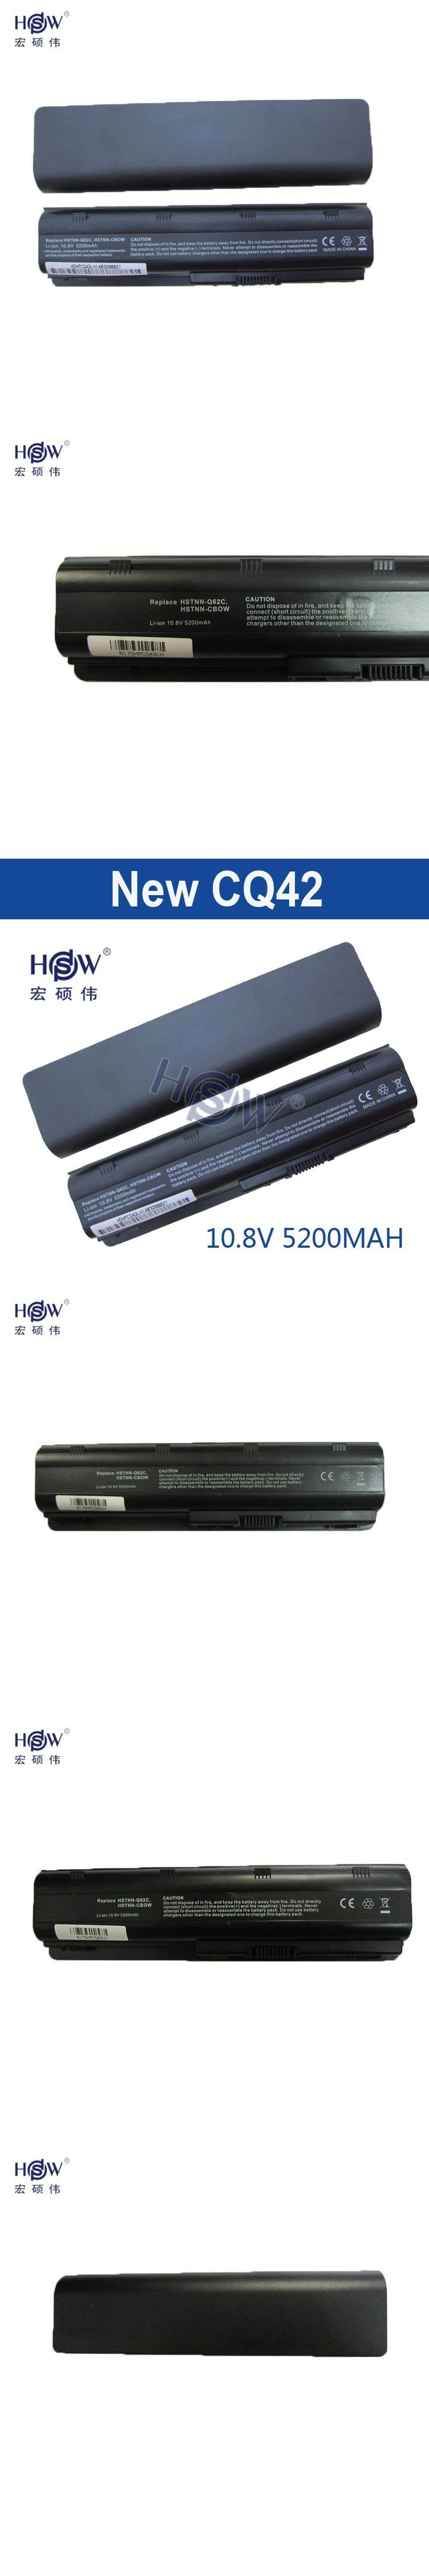 5200MAHLaptop Battery for HP Pavilion DV3 DM4 DV5 DV6 DV7 G4 G6 G7 CQ42 CQ32 G42 G62 G72 MU06 593553-001 HSTNN-CBOX HSTNN-Q60C